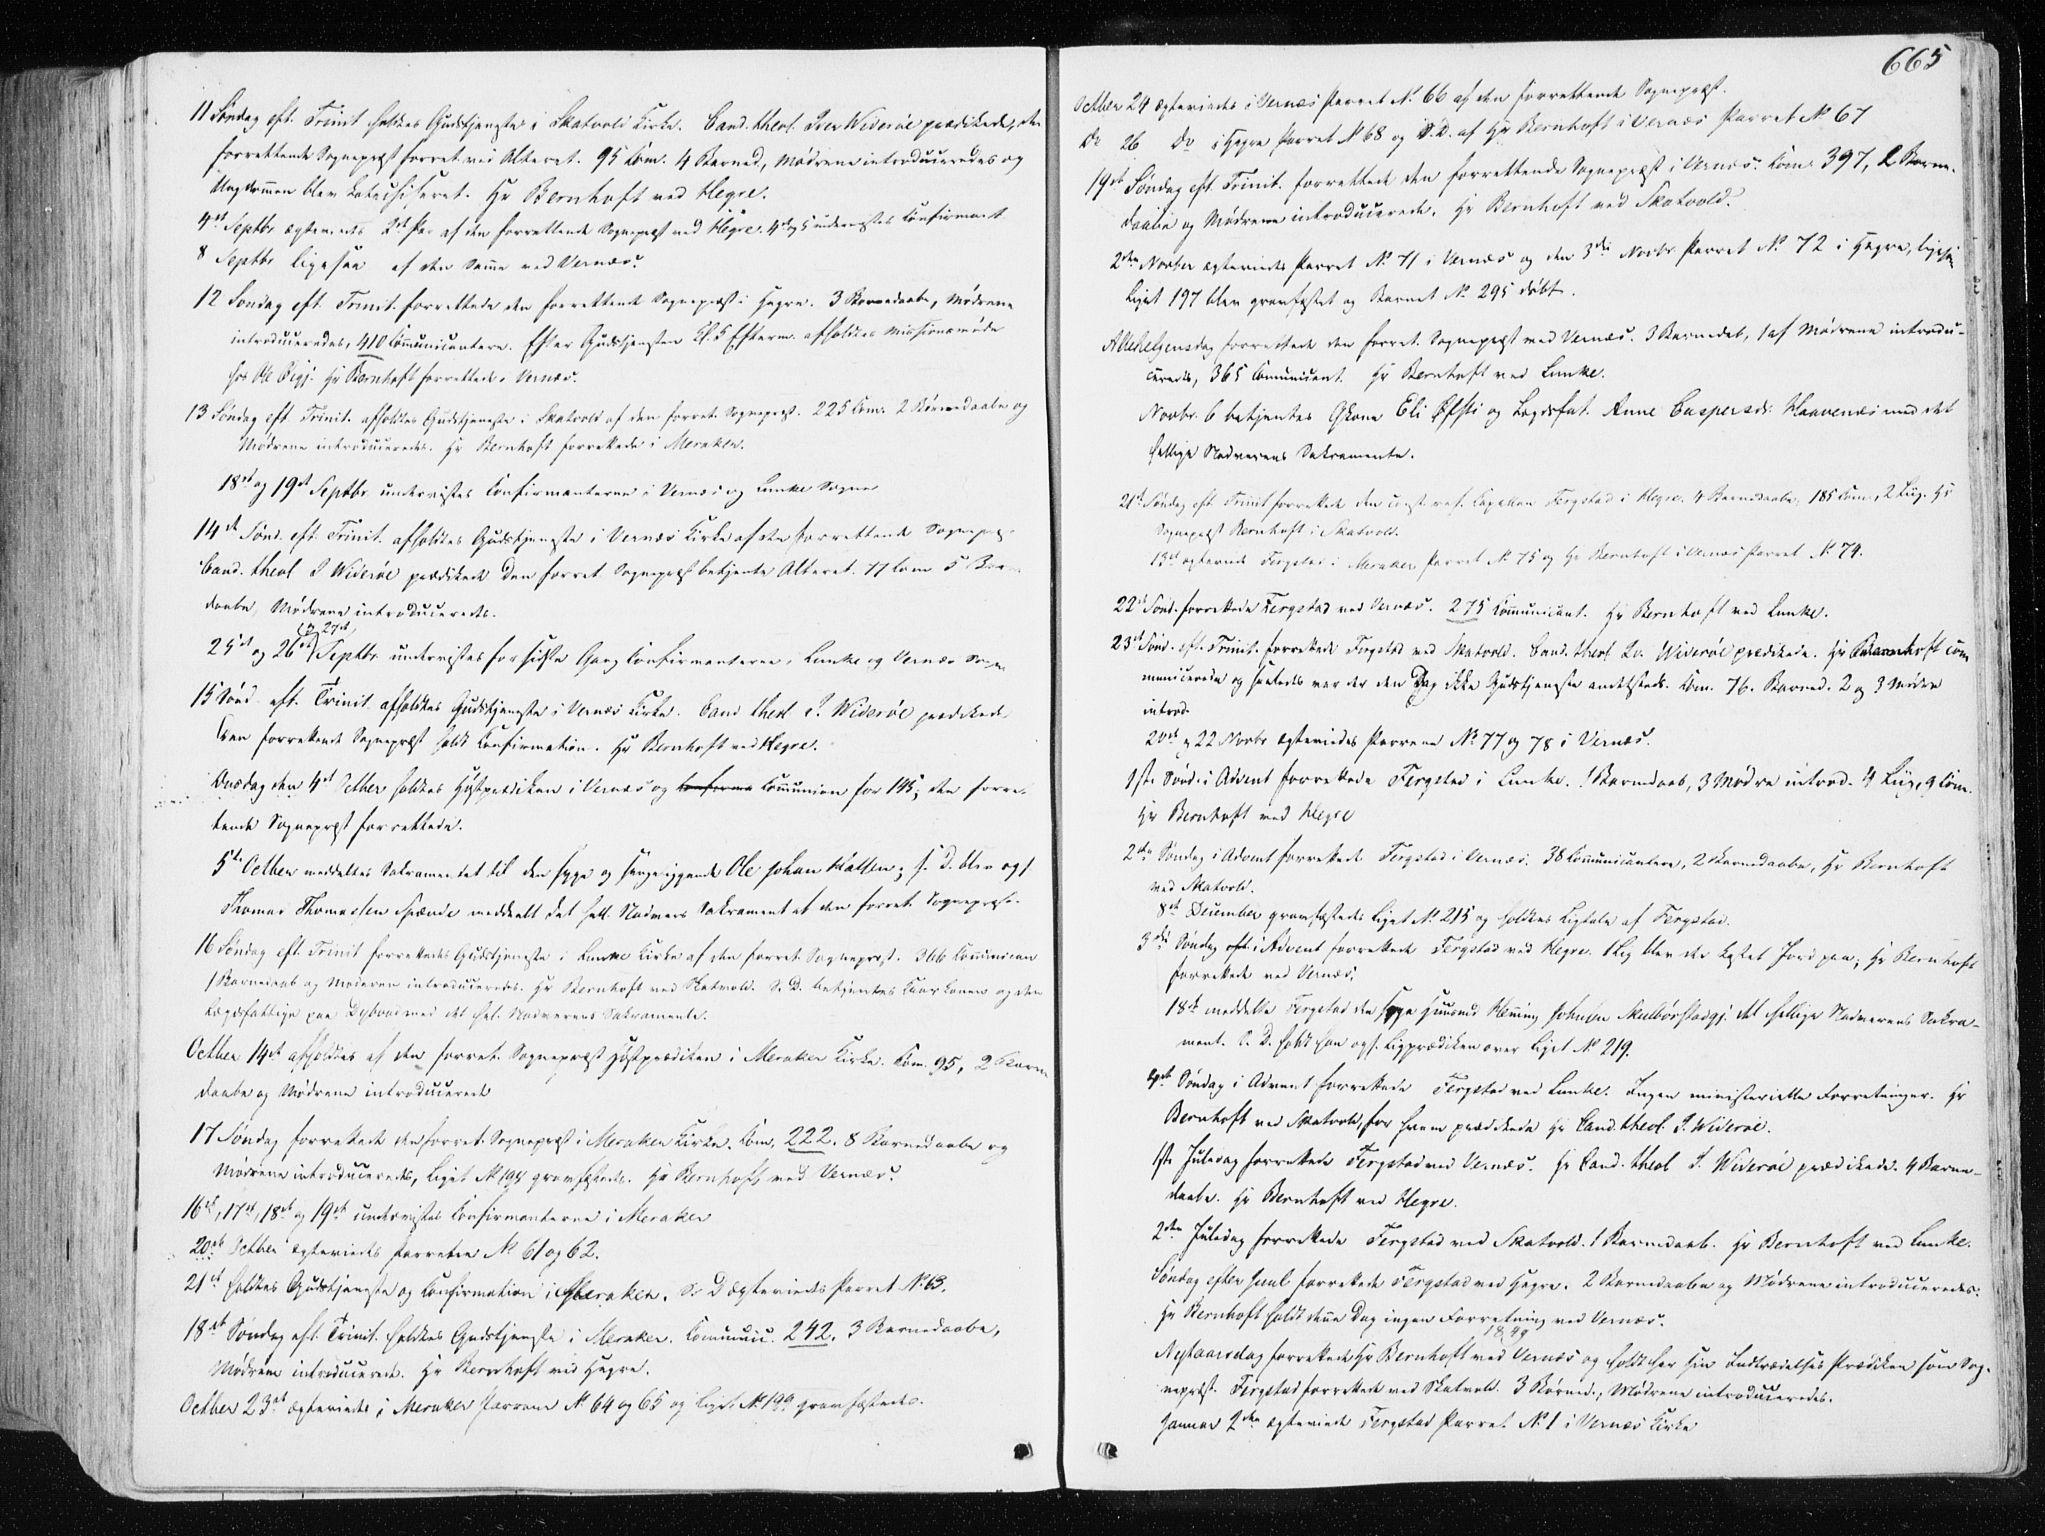 SAT, Ministerialprotokoller, klokkerbøker og fødselsregistre - Nord-Trøndelag, 709/L0074: Ministerialbok nr. 709A14, 1845-1858, s. 665